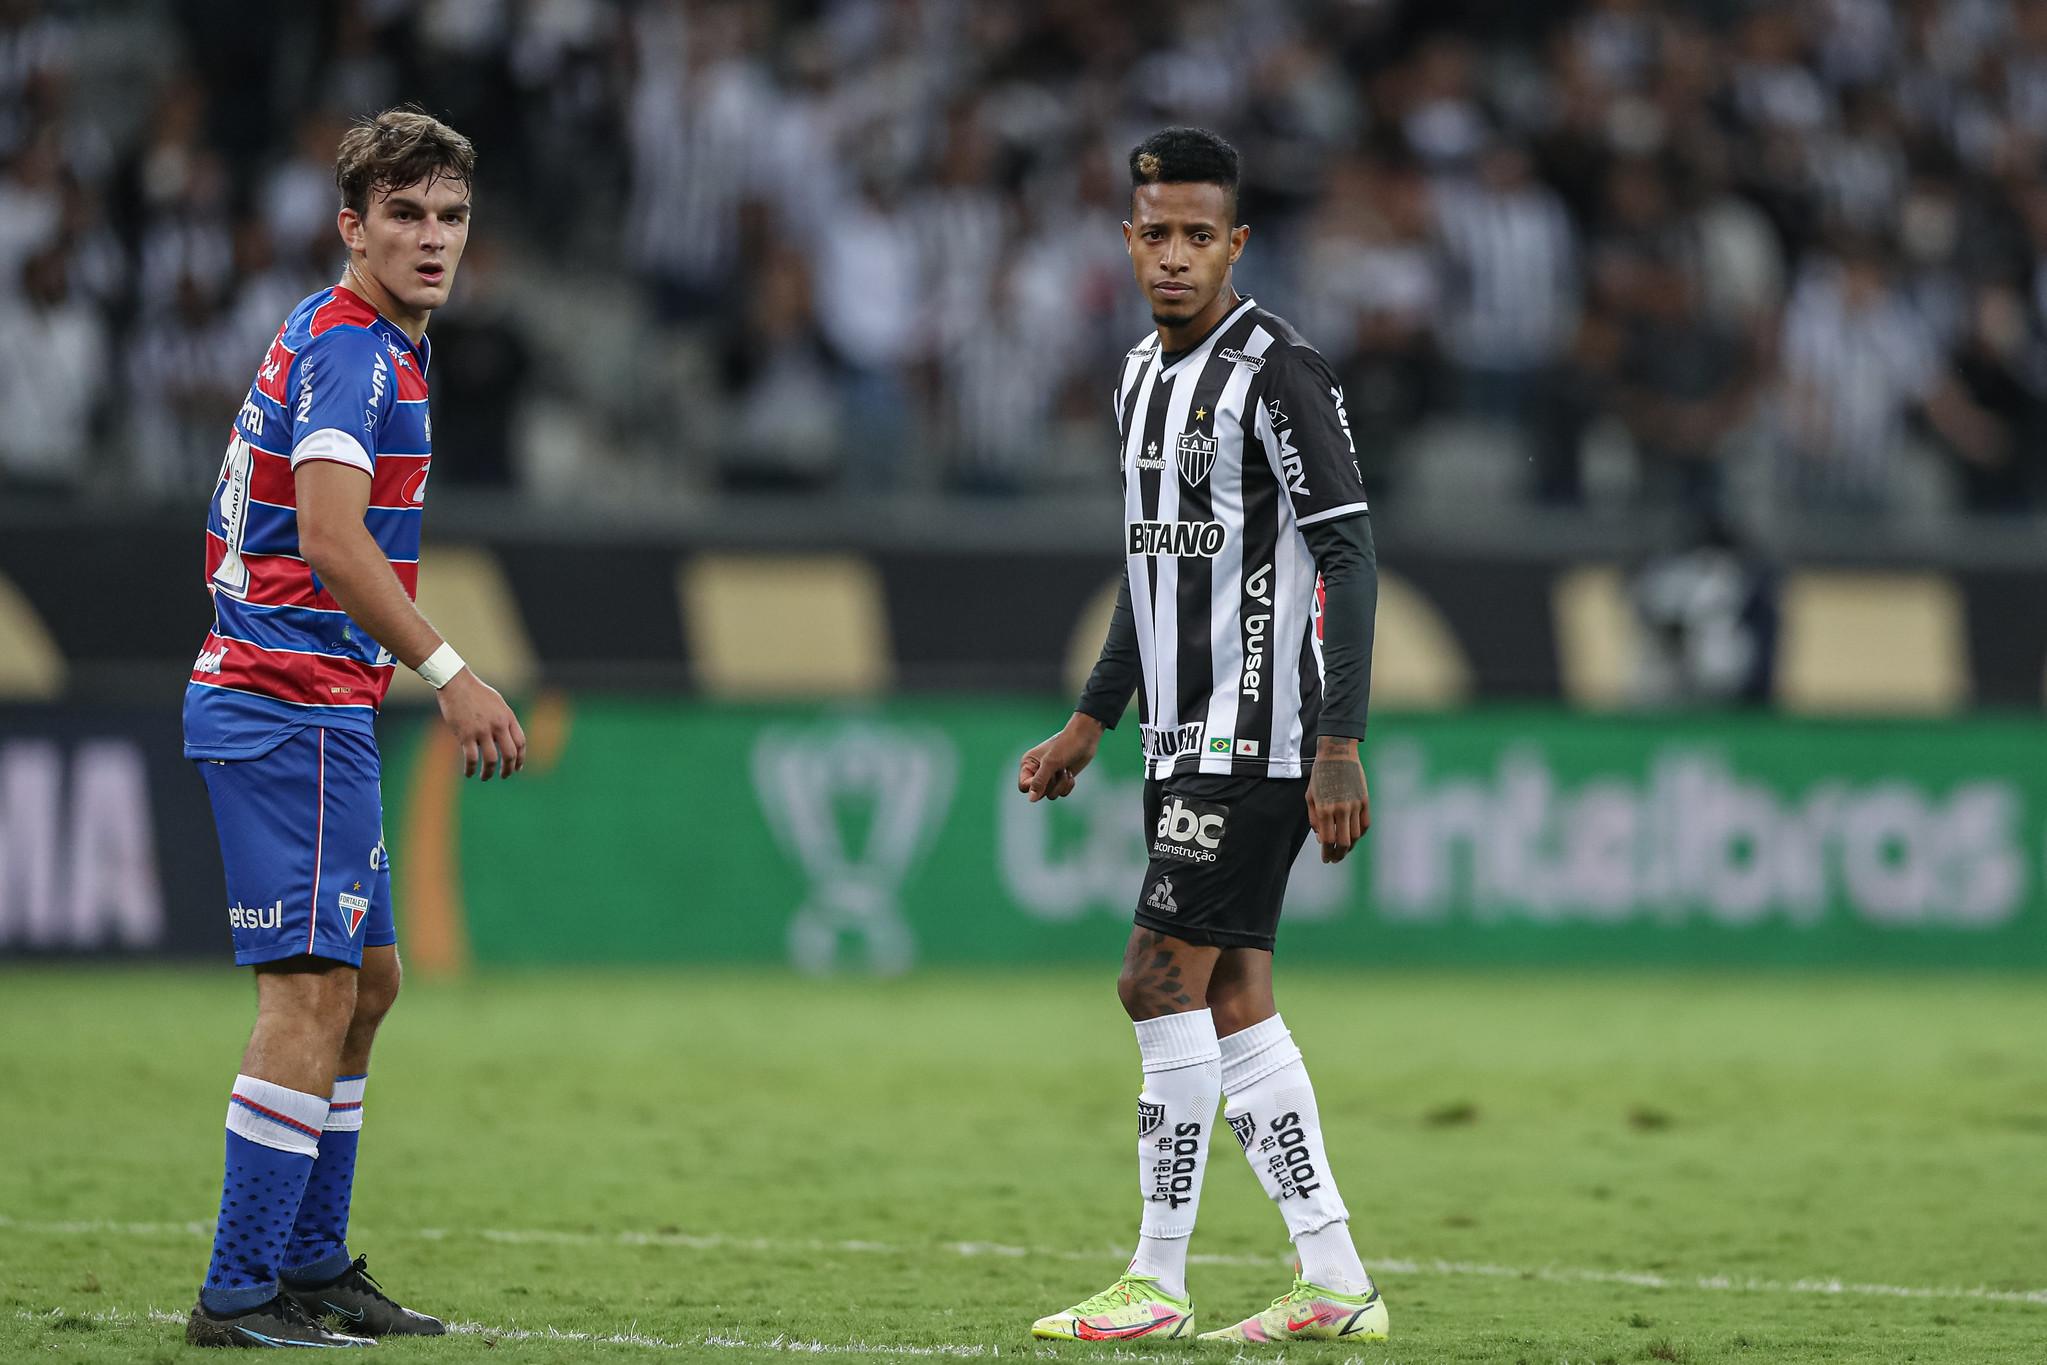 Com um pé na final, Atlético visita Fortaleza pela Copa do Brasil